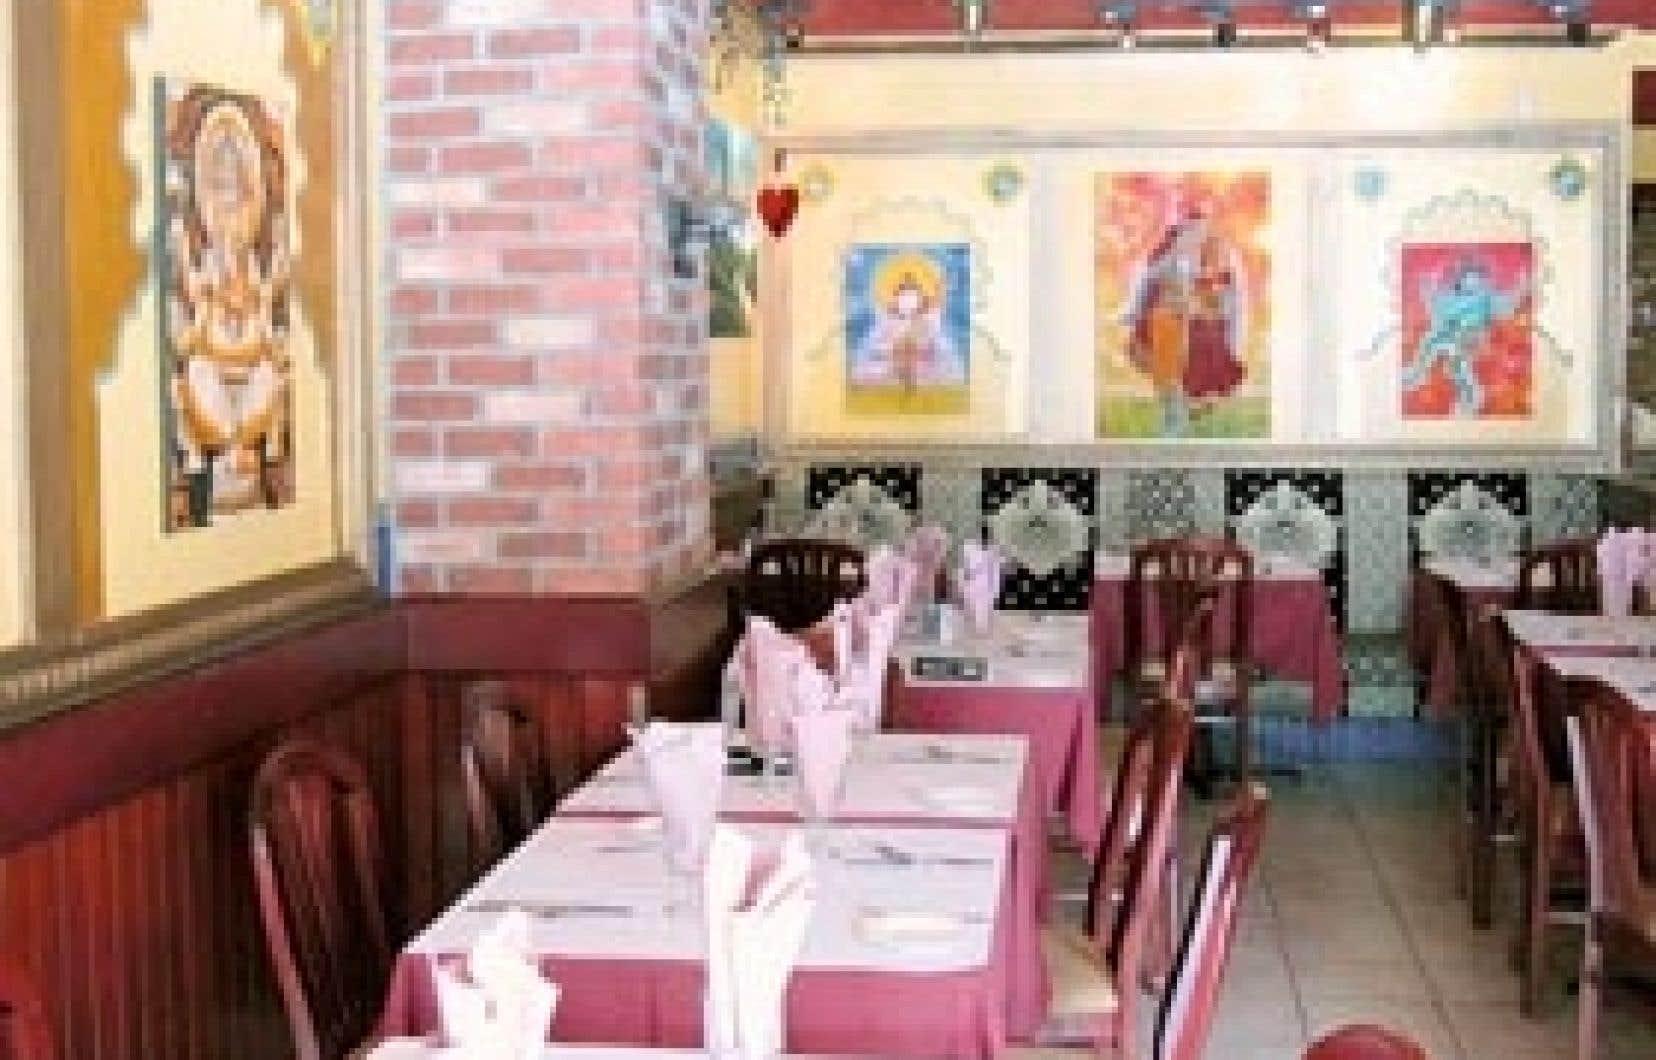 Le restaurant Taj Mahal, une des meilleures tables, sinon la meilleure pour la cuisine indienne à Québec.